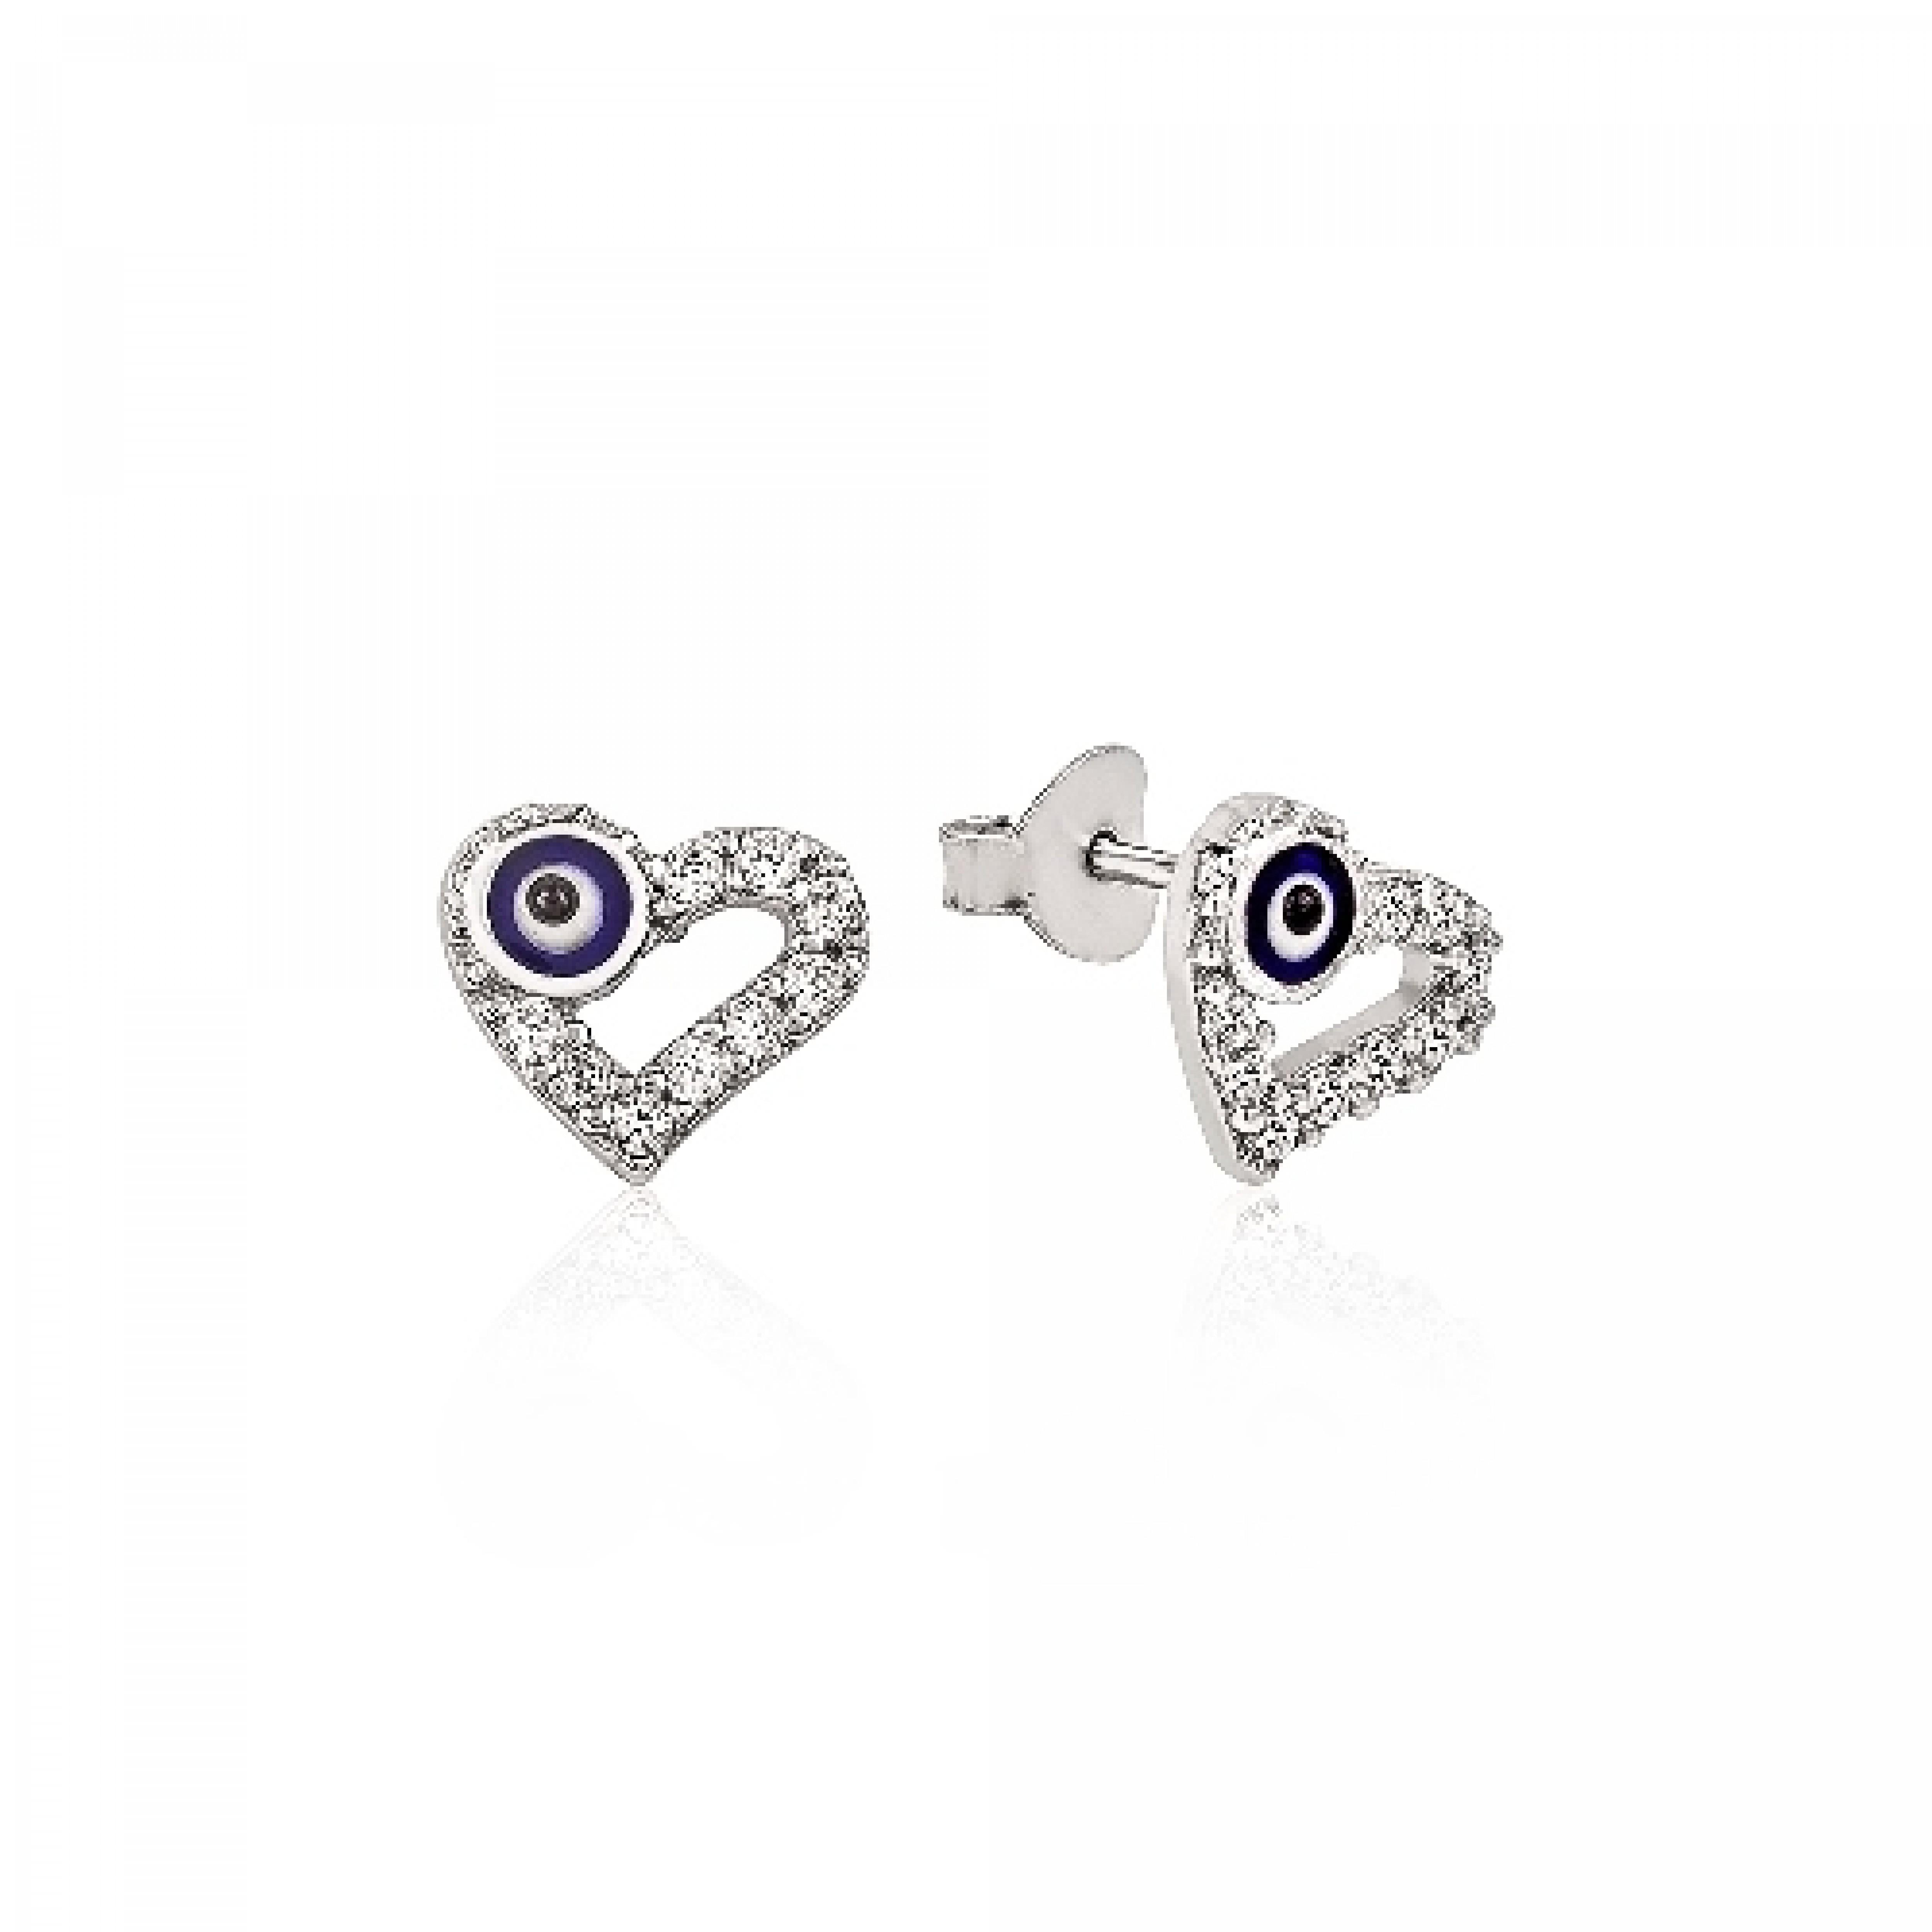 Je 210040 Evil Eye 925 Sterling Silver Cz Earrings